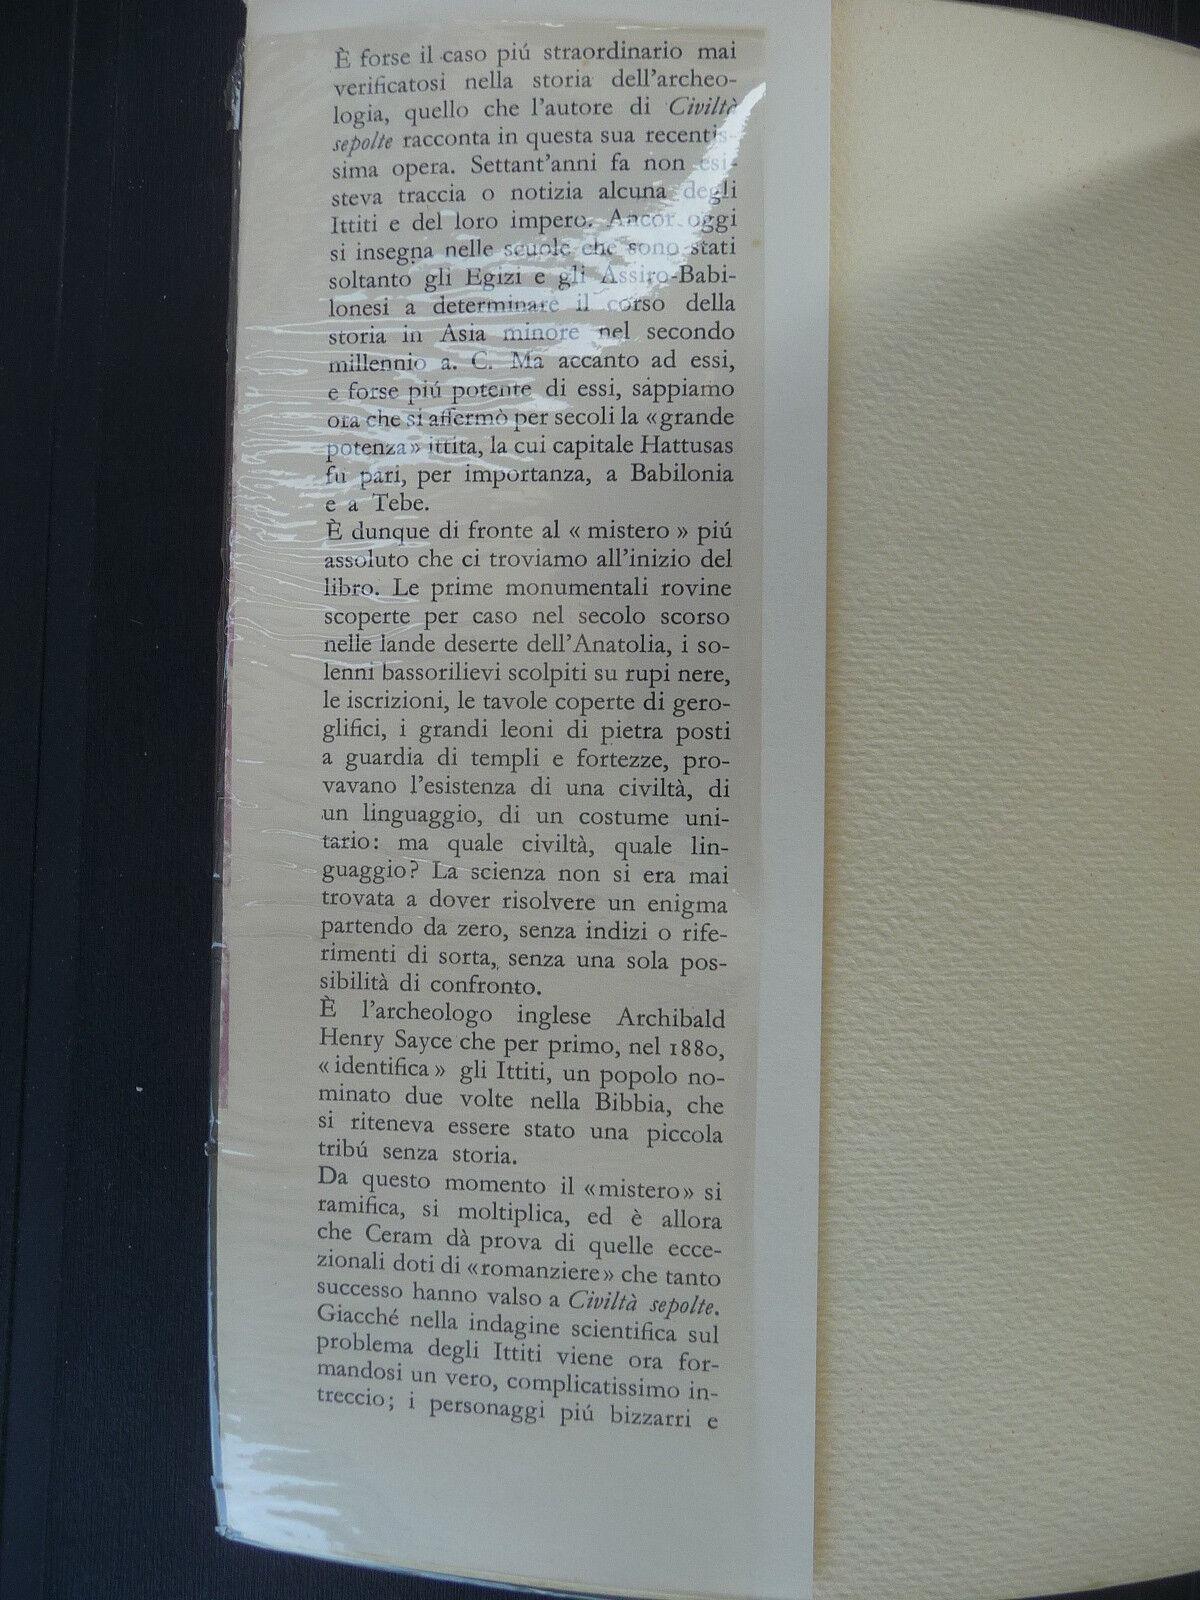 IL LIBRO DELLE RUPI CERAM EINAUDI 1956 II^ Ed. IL SEGUITO DI CIVILTA SEPOLTE